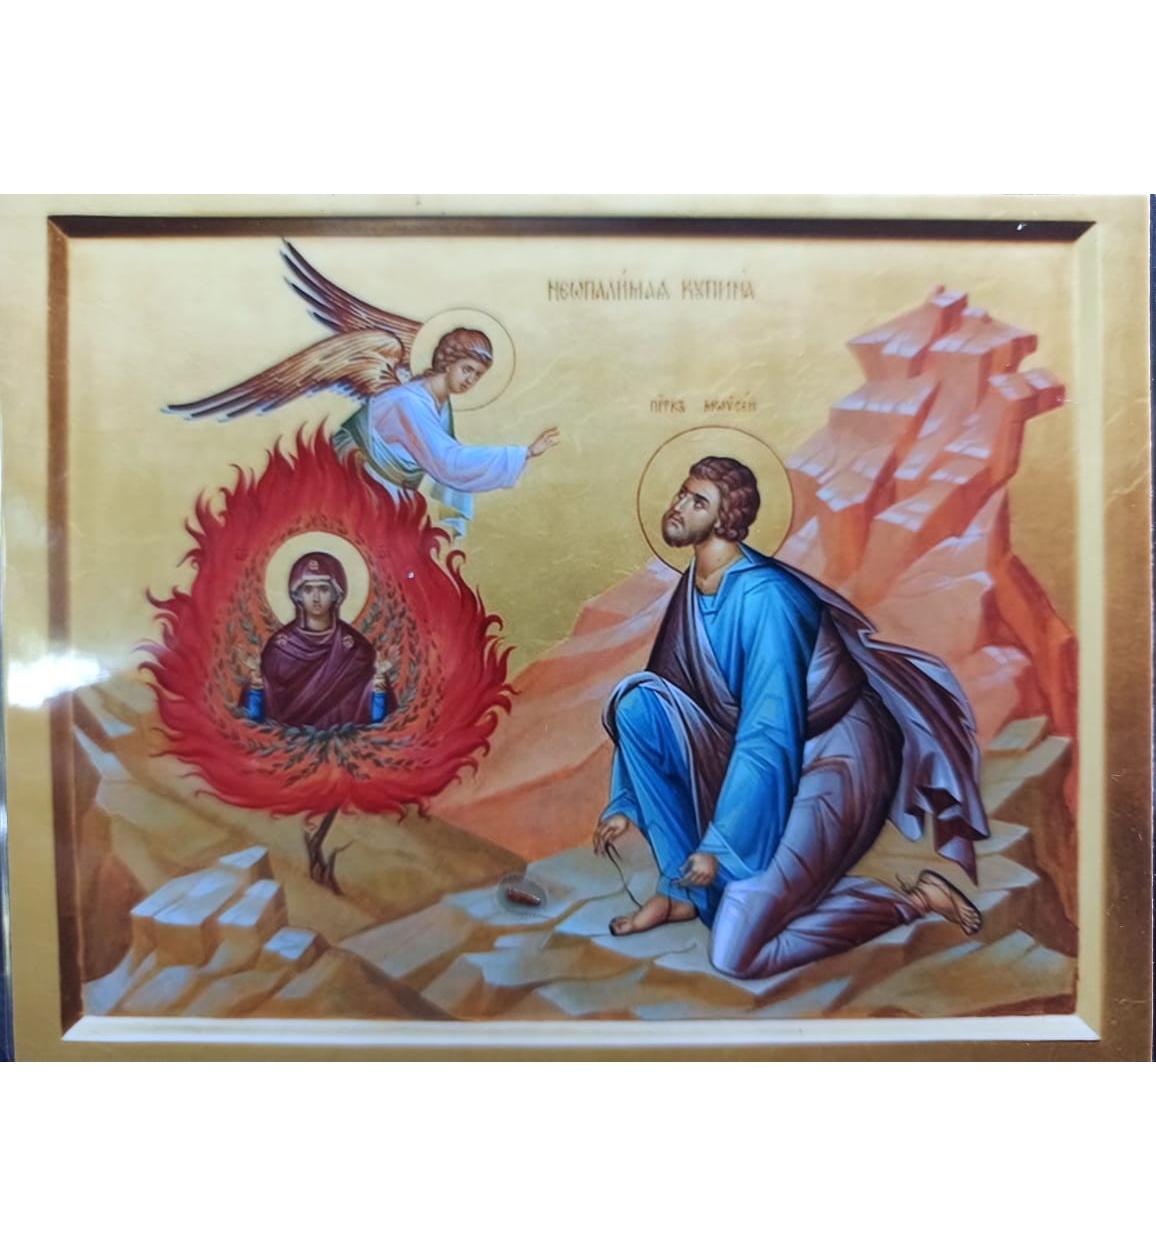 Икона с частицей Неопалимой купины – тернового куста, в котором явился Господь